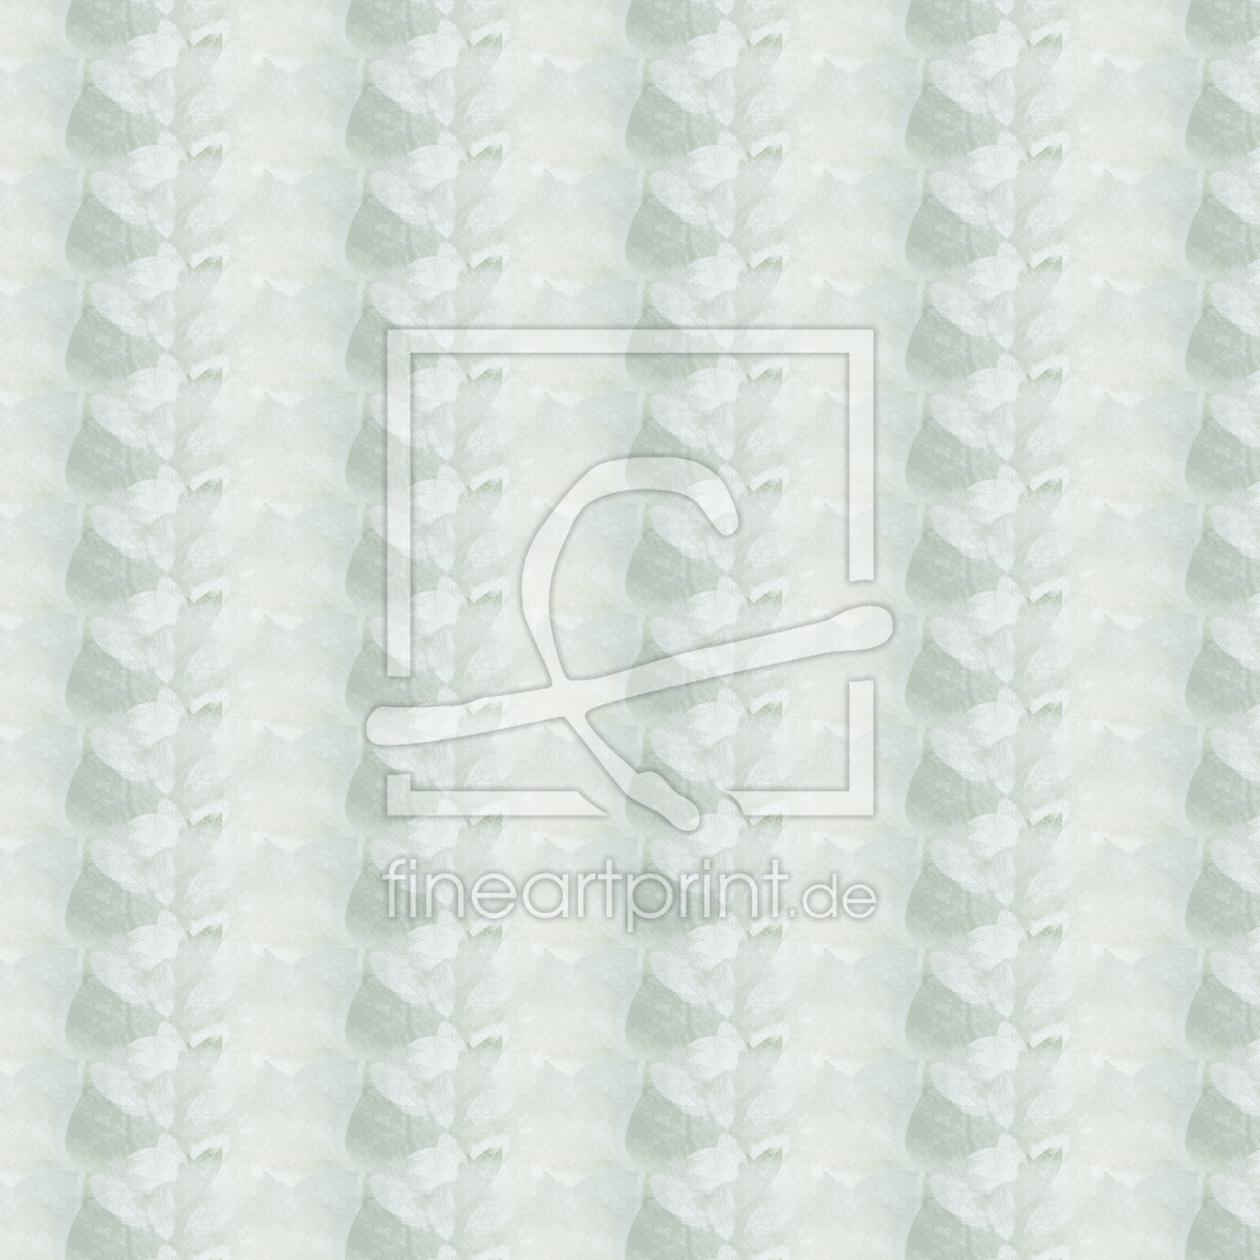 tapete pastell als tasse von dagmarmarina erh ltlich b. Black Bedroom Furniture Sets. Home Design Ideas